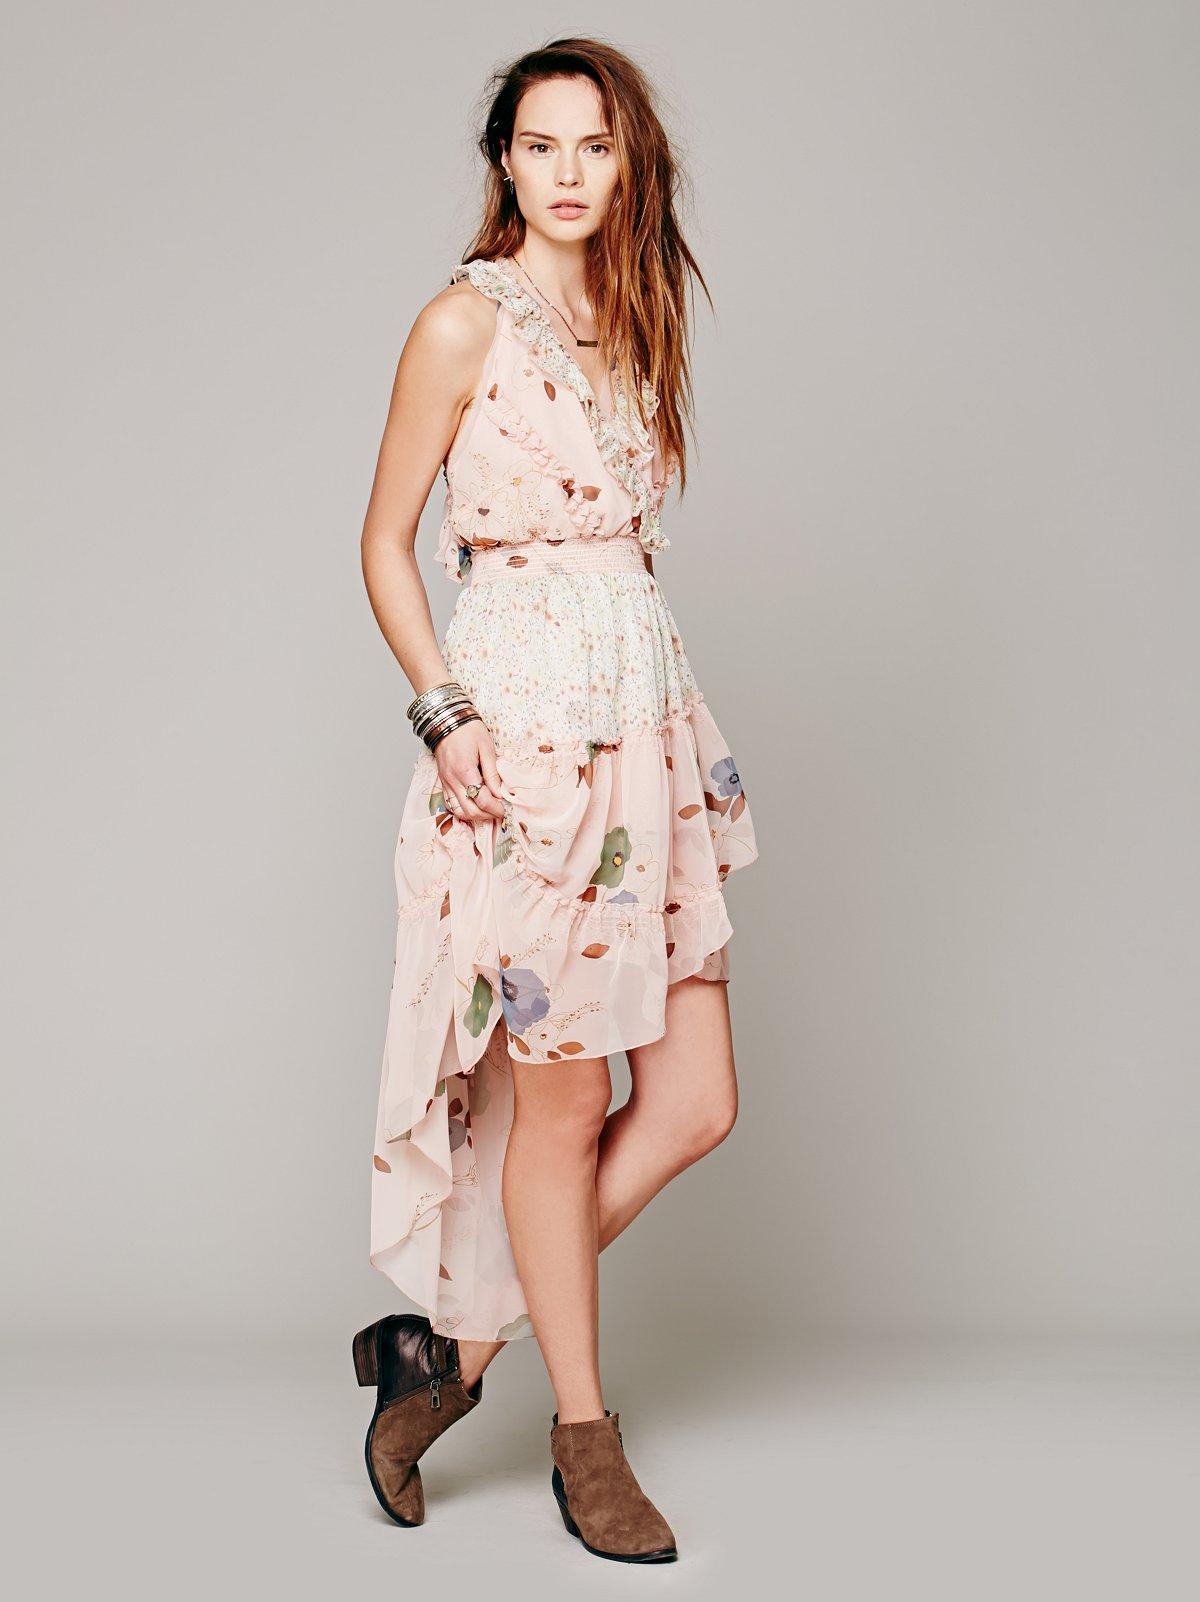 Floral Skies Dress